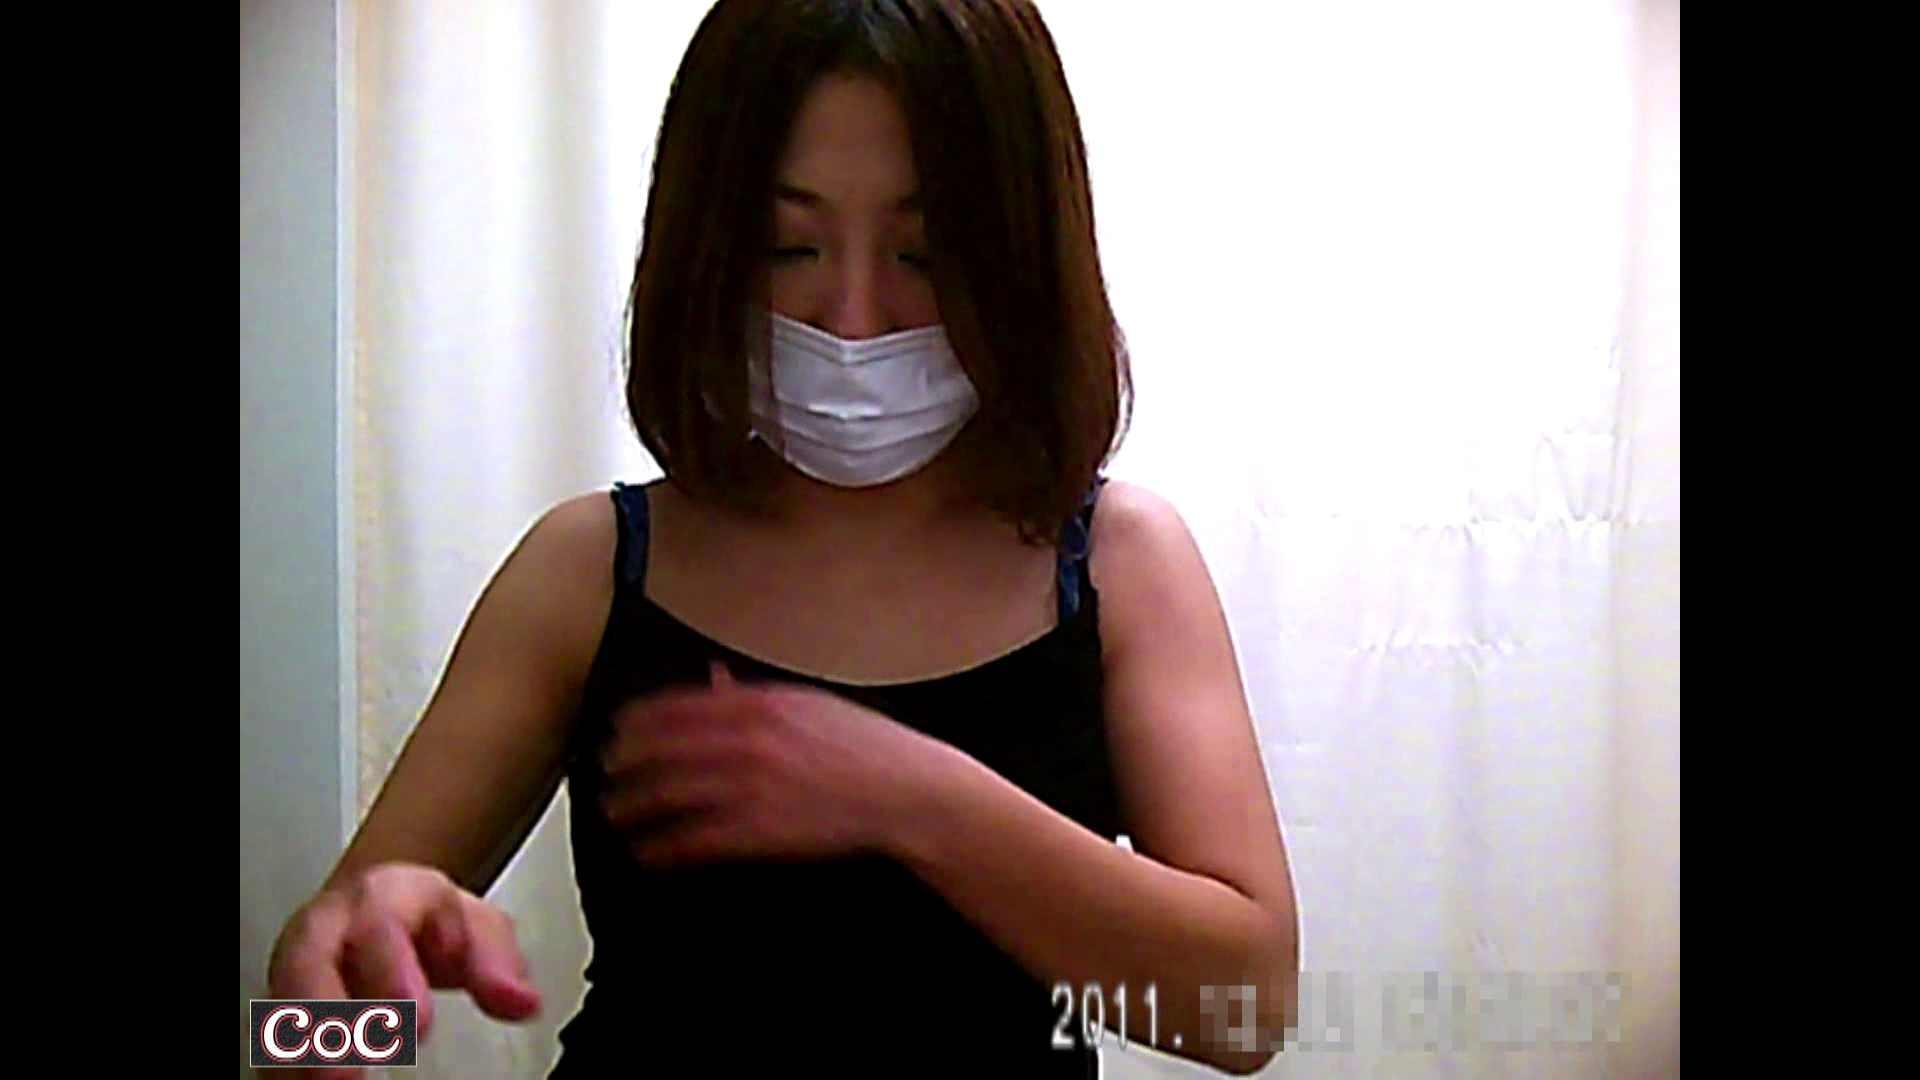 元医者による反抗 更衣室地獄絵巻 vol.188 OLハメ撮り  59Pix 4